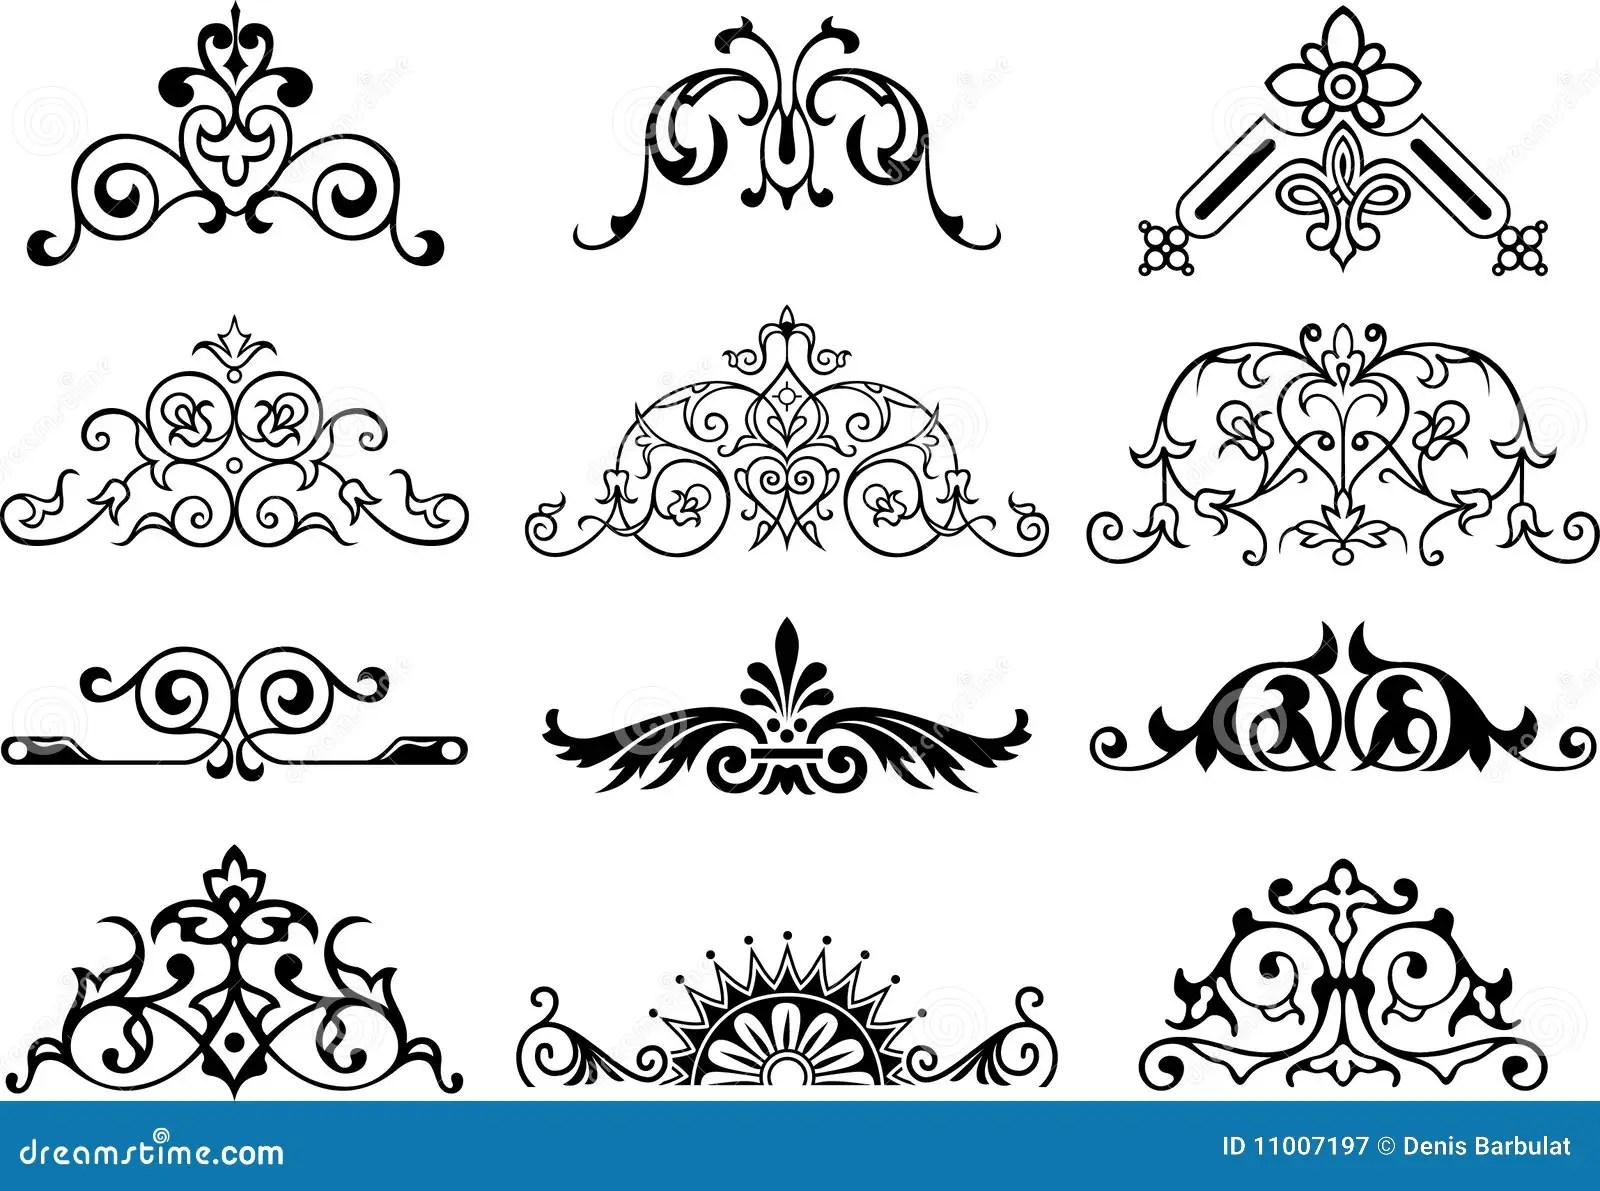 vector design elements stock